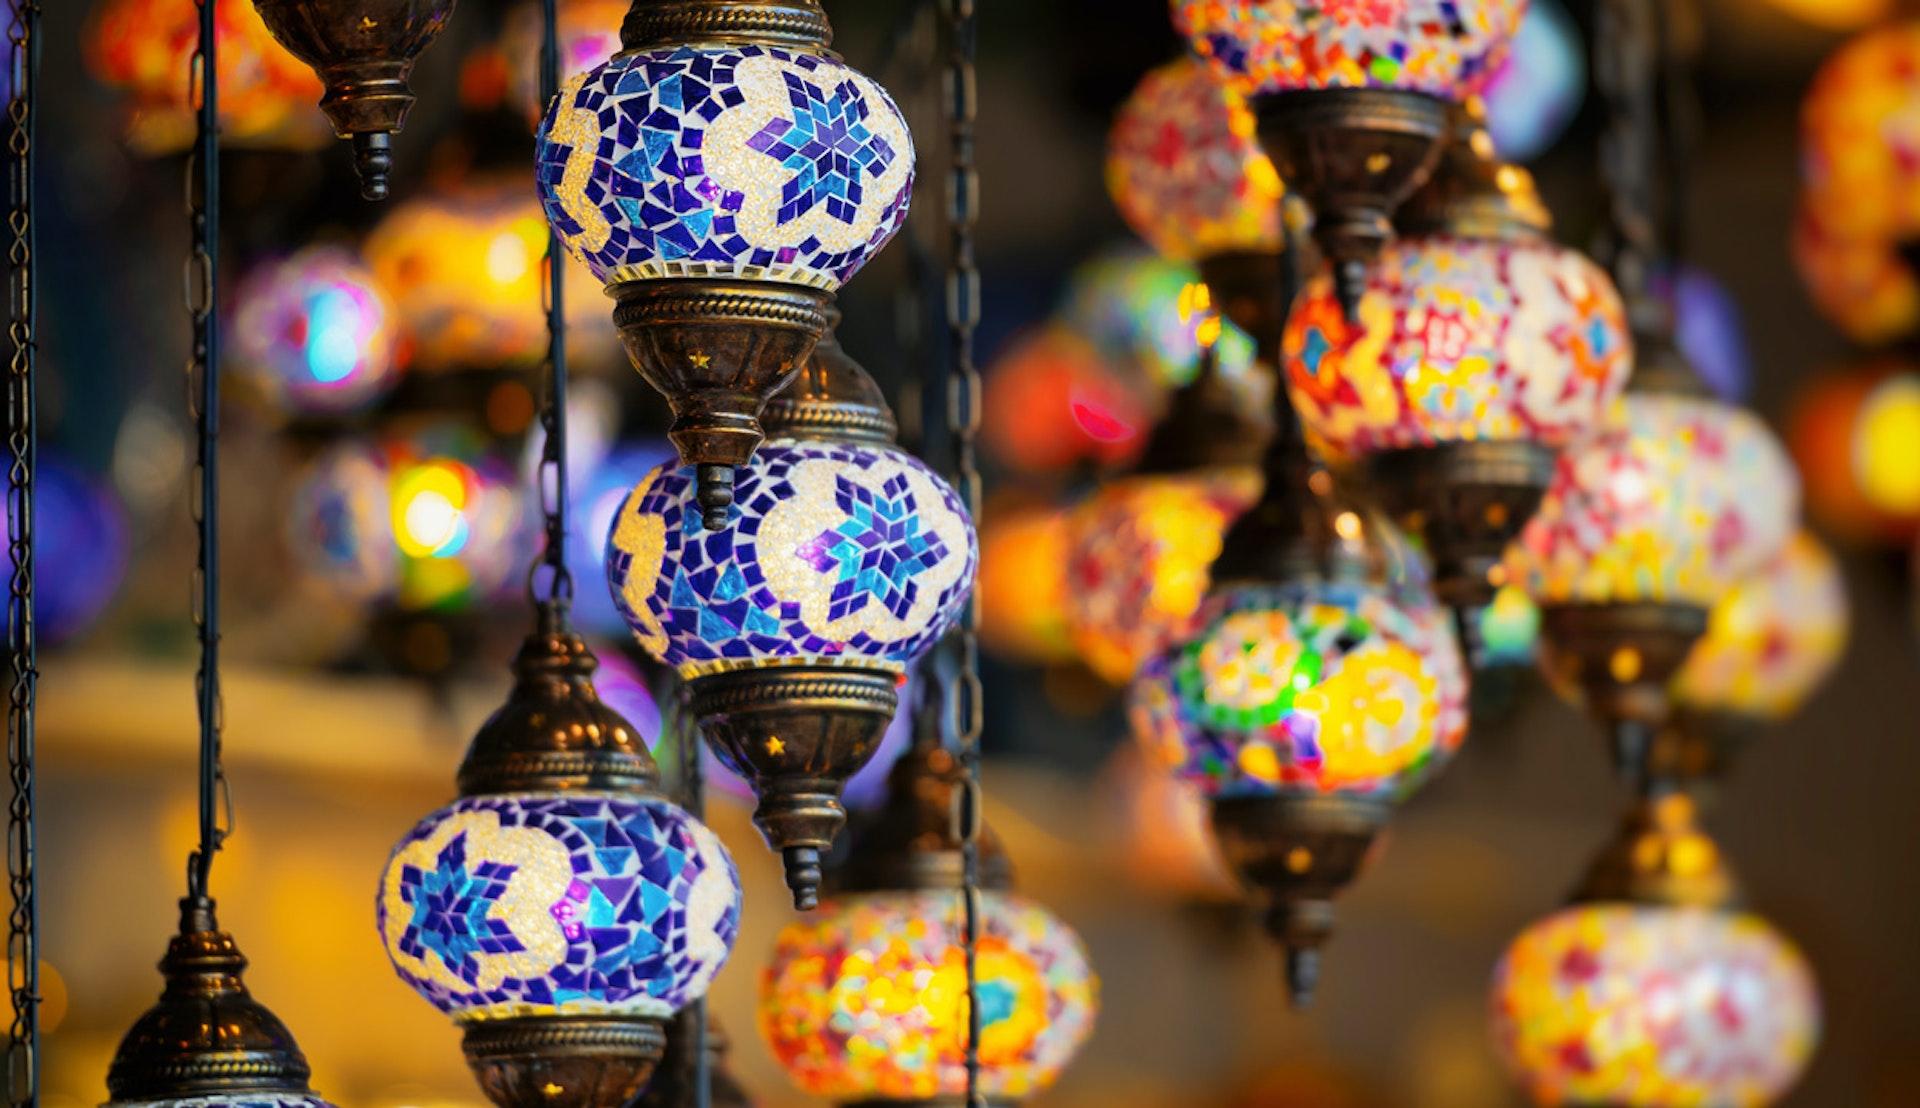 Traditionella arabiska lampor i olika färger.